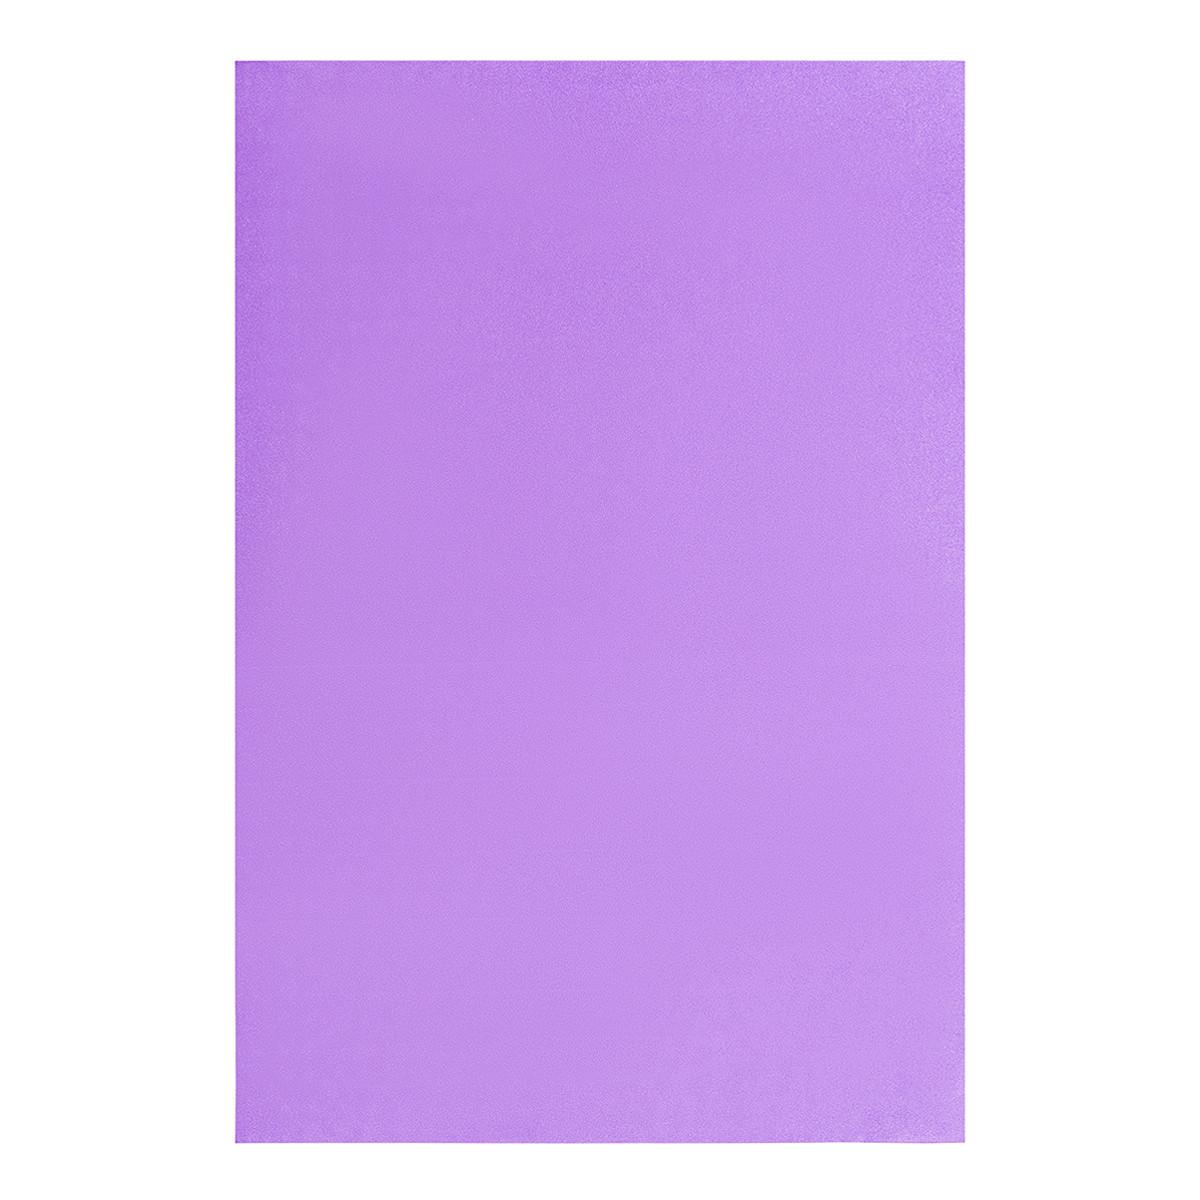 Фоаміран ЕВА фіолетовий, 200*300 мм, товщина 1,7 мм, 10 листів